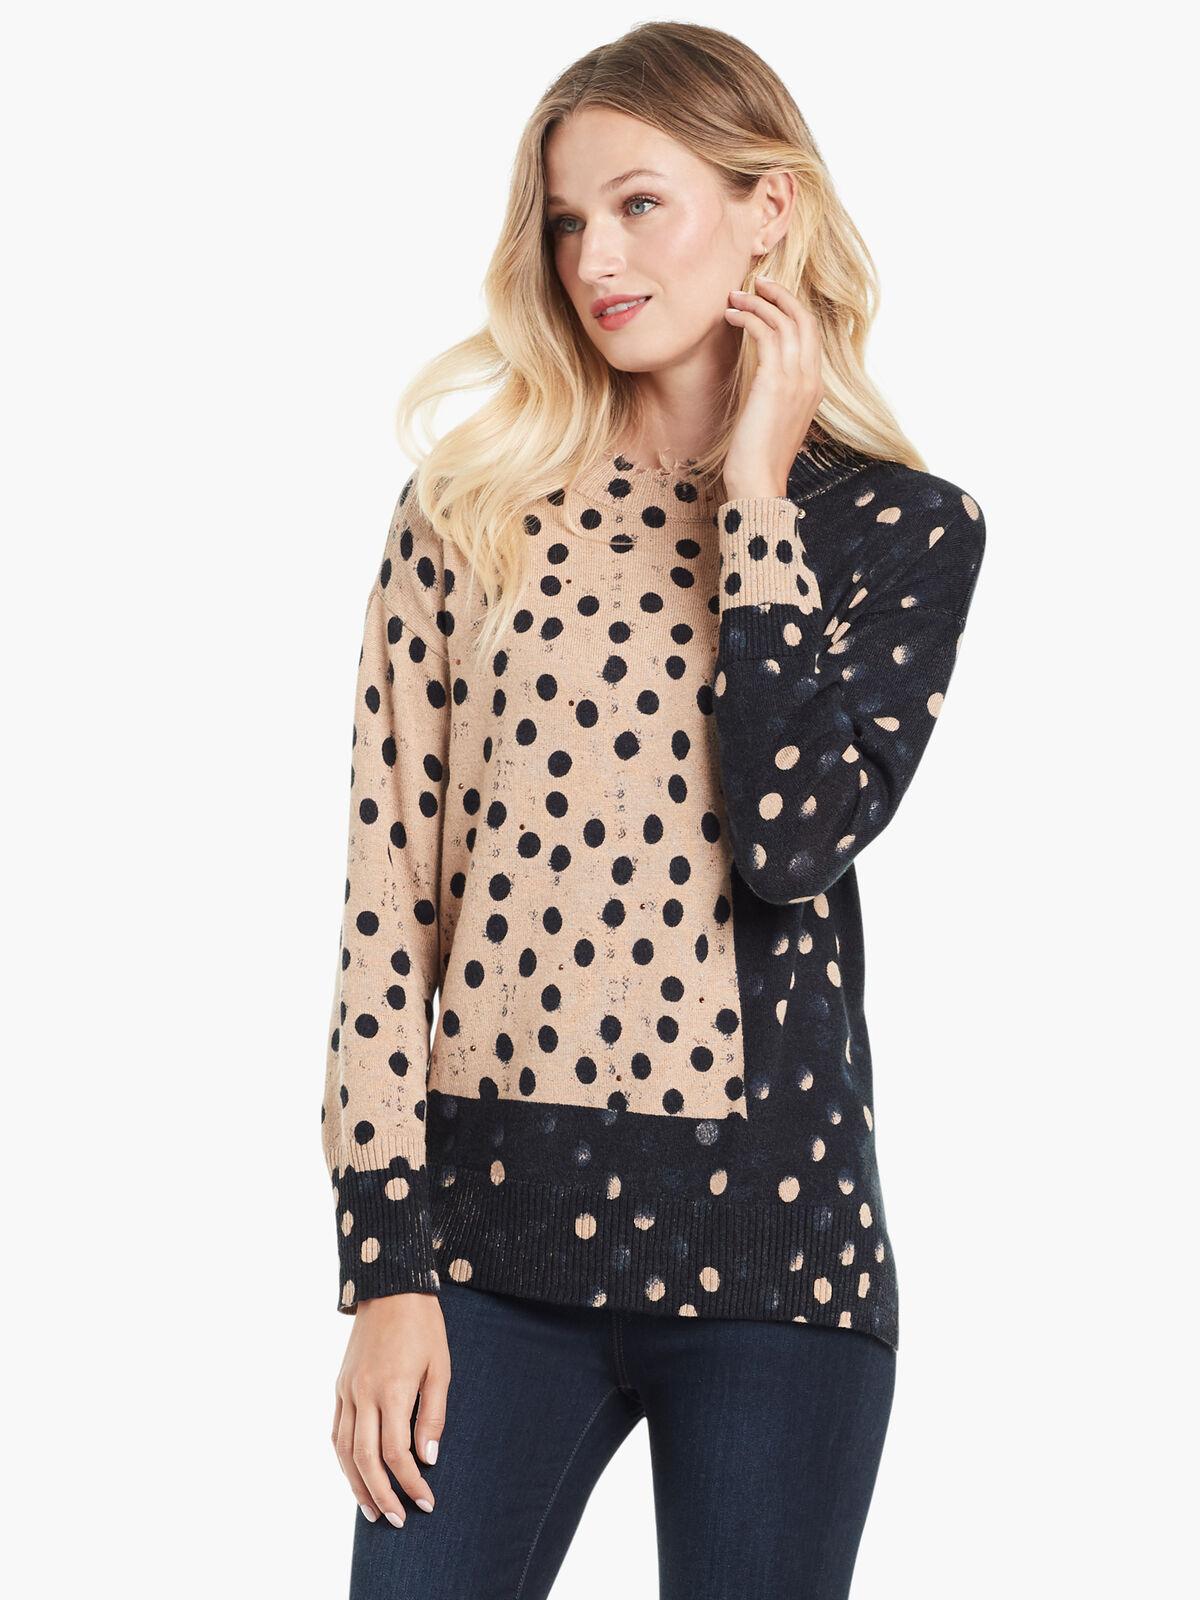 Mix And Mingle Sweater